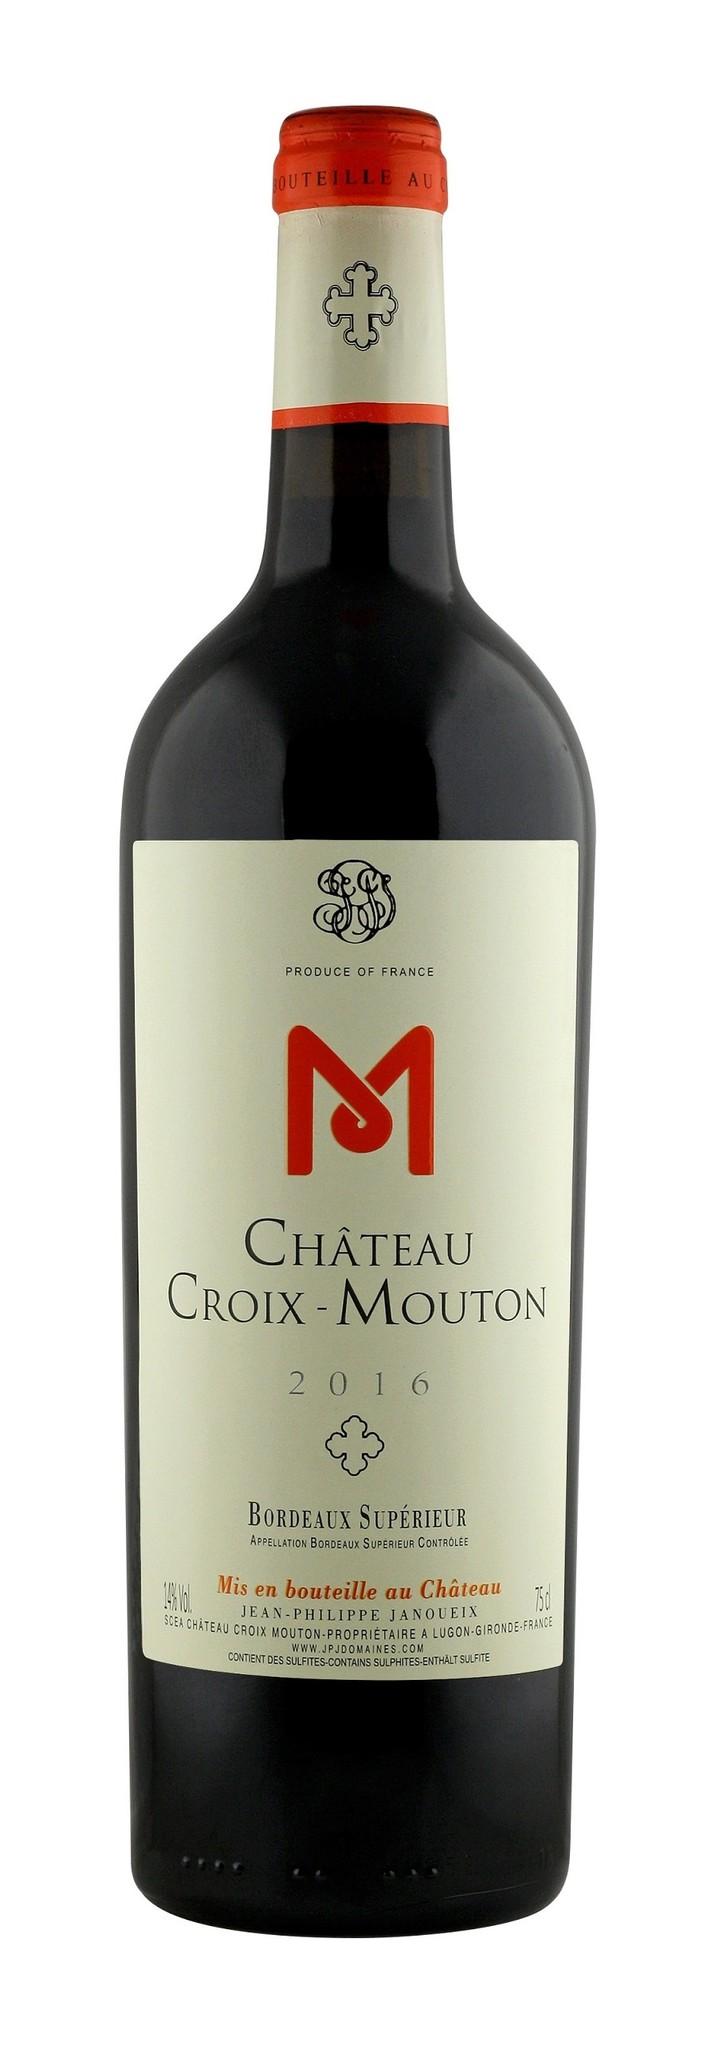 Bordeaux Diverse 2016 Chateau Croix-Mouton, Bordeaux Superieur